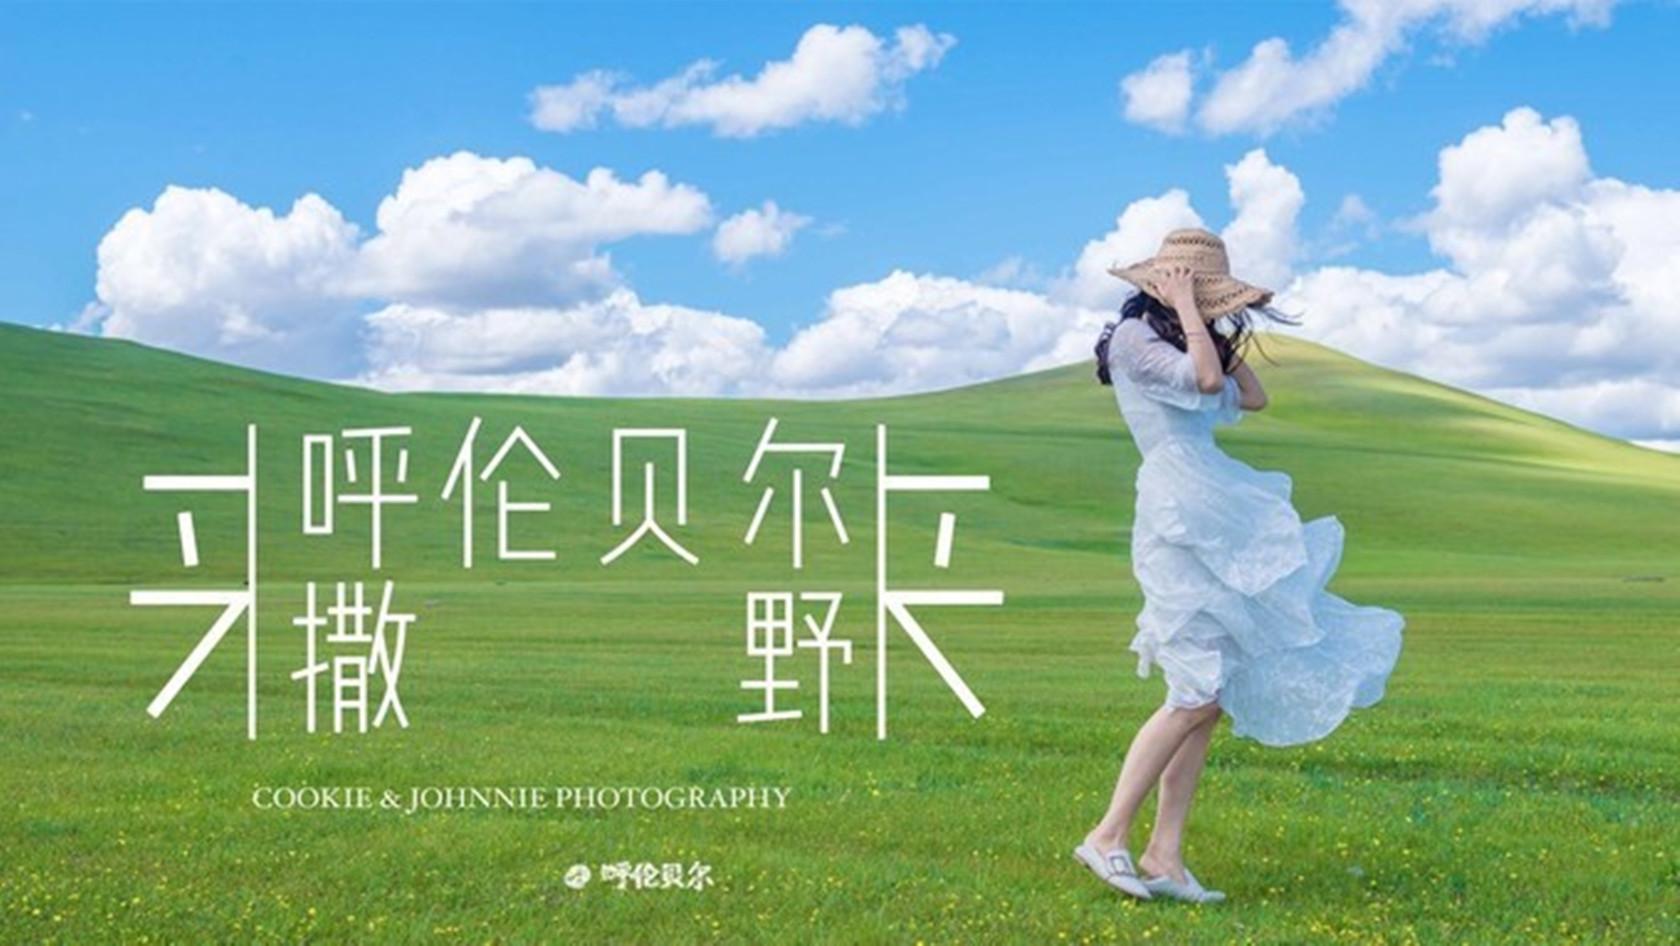 """《呼伦贝尔》曲奇在内蒙古 """"呼伦贝尔大草原""""今夏:这个夏天,跳进绿色海洋里吧!"""